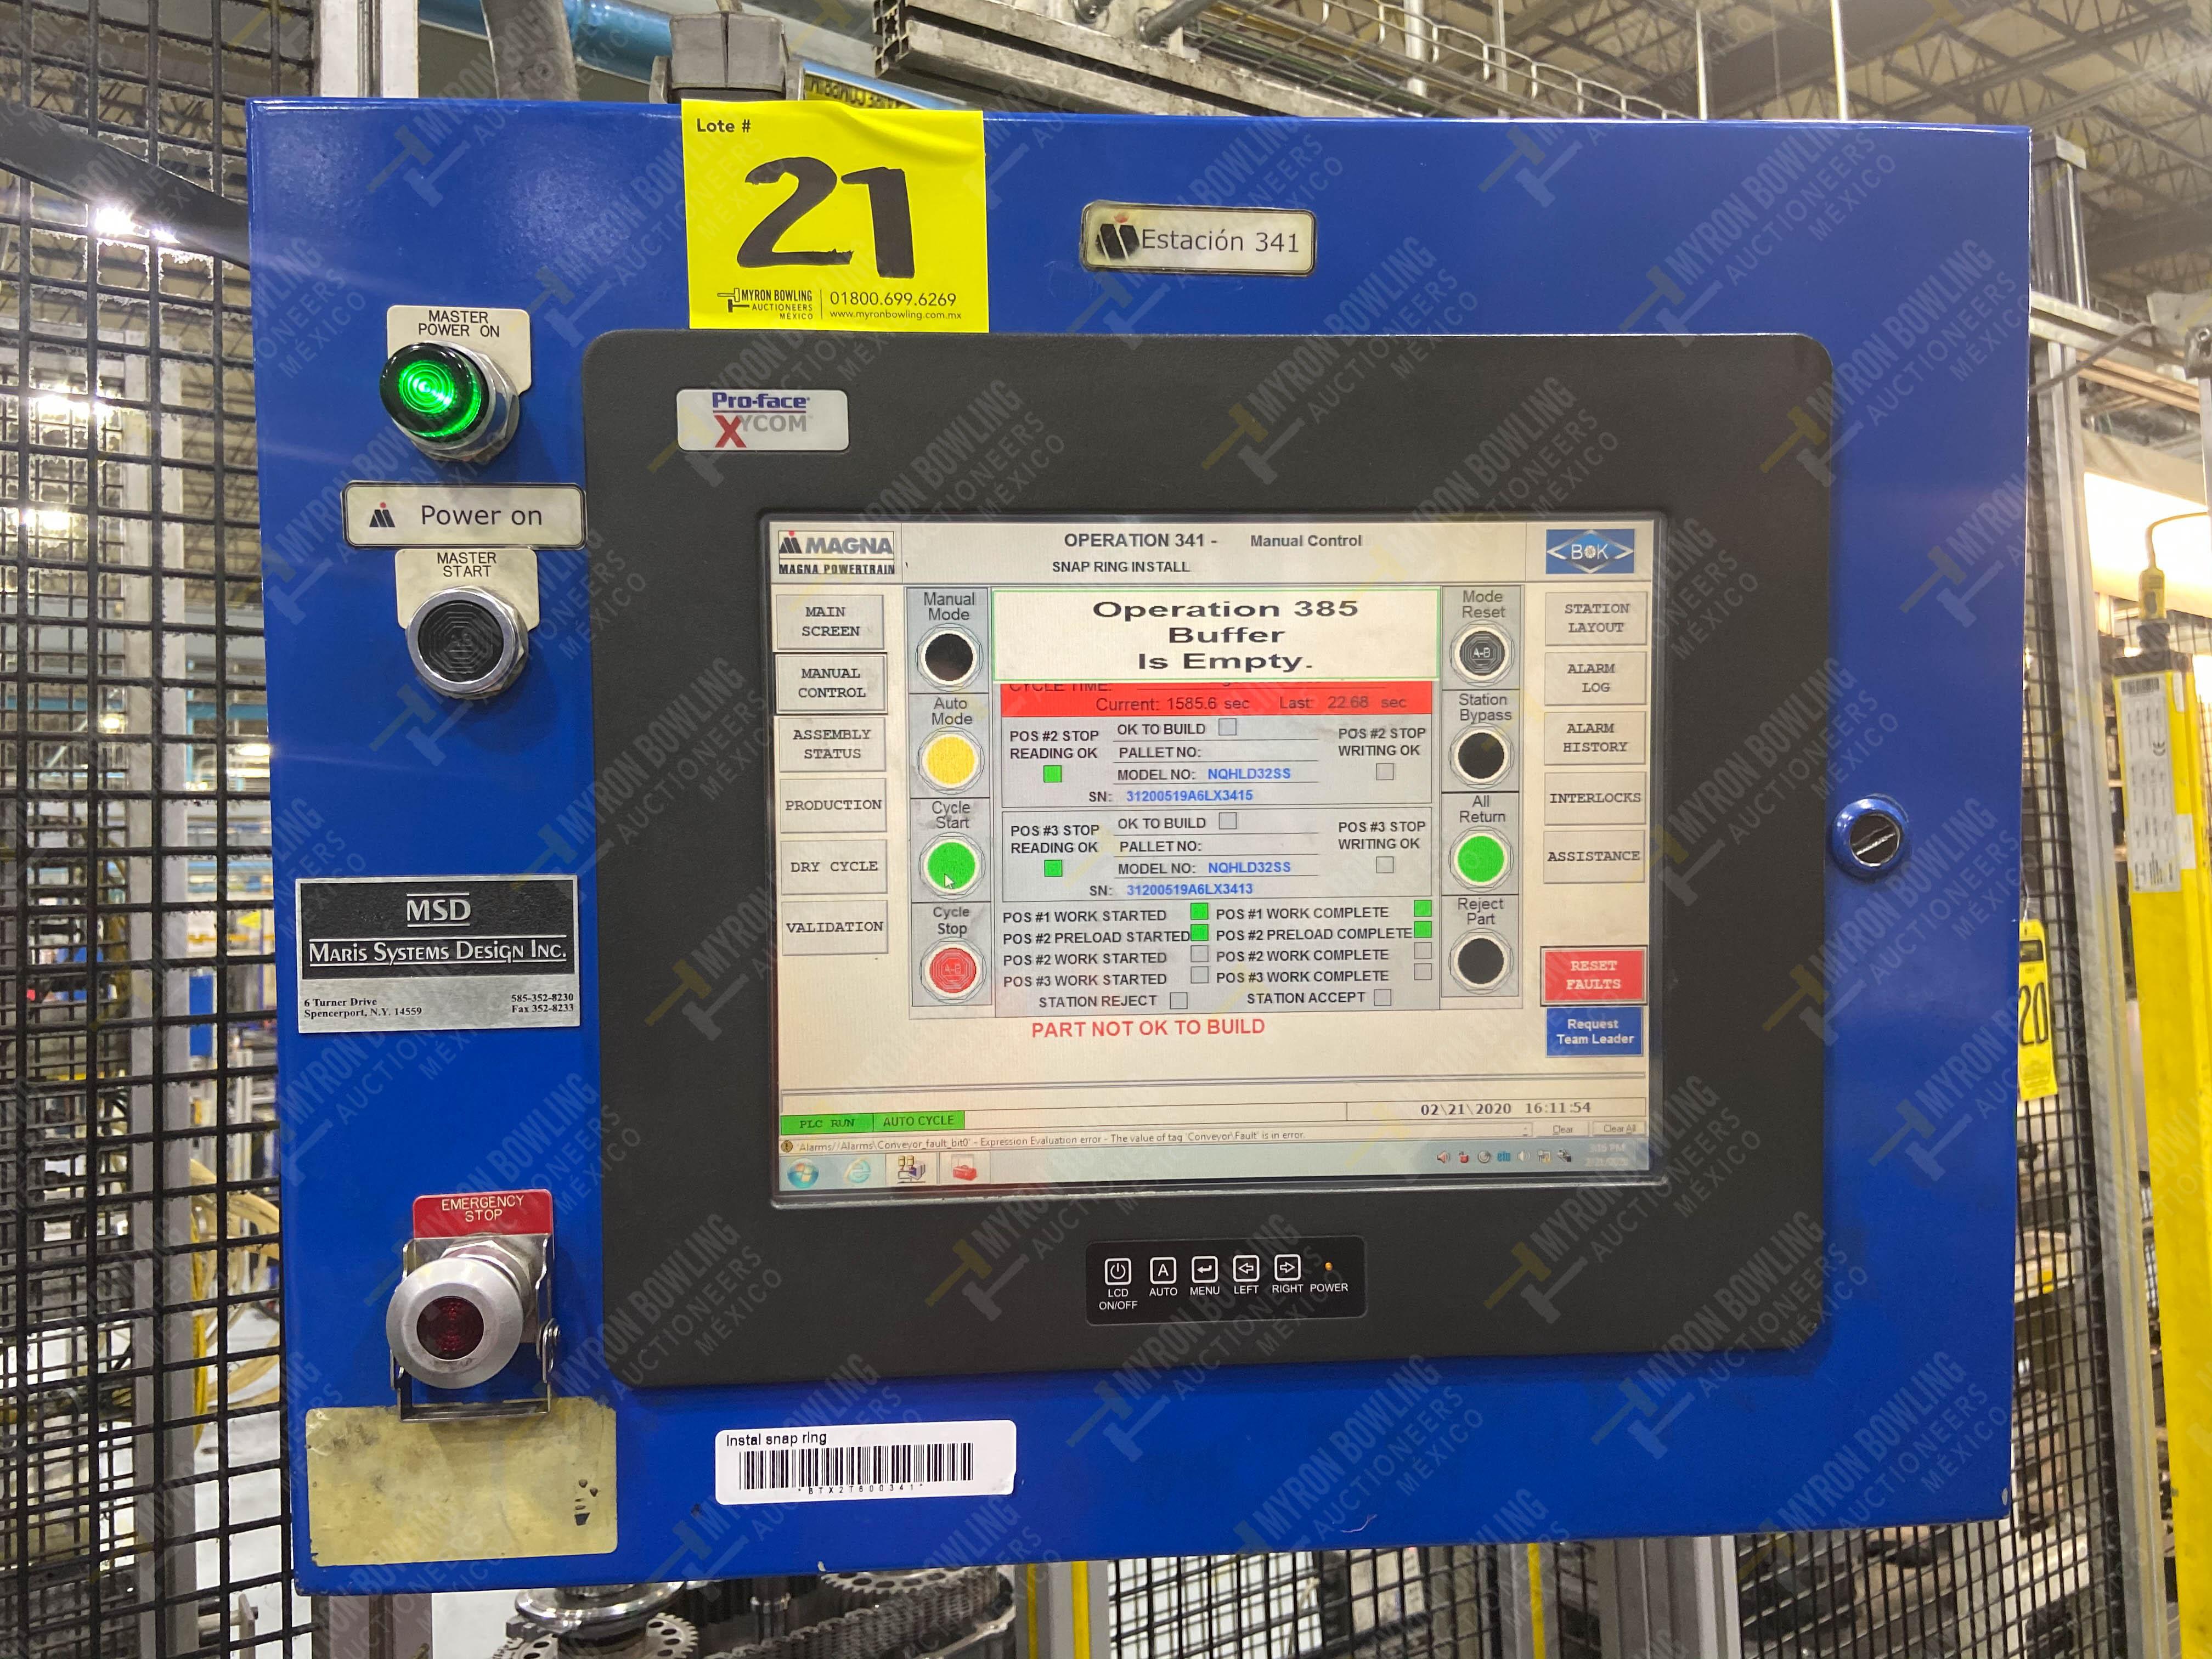 Estación semiautomática para operación 341, contiene: Prensa en estructura de placa de acero - Image 24 of 26